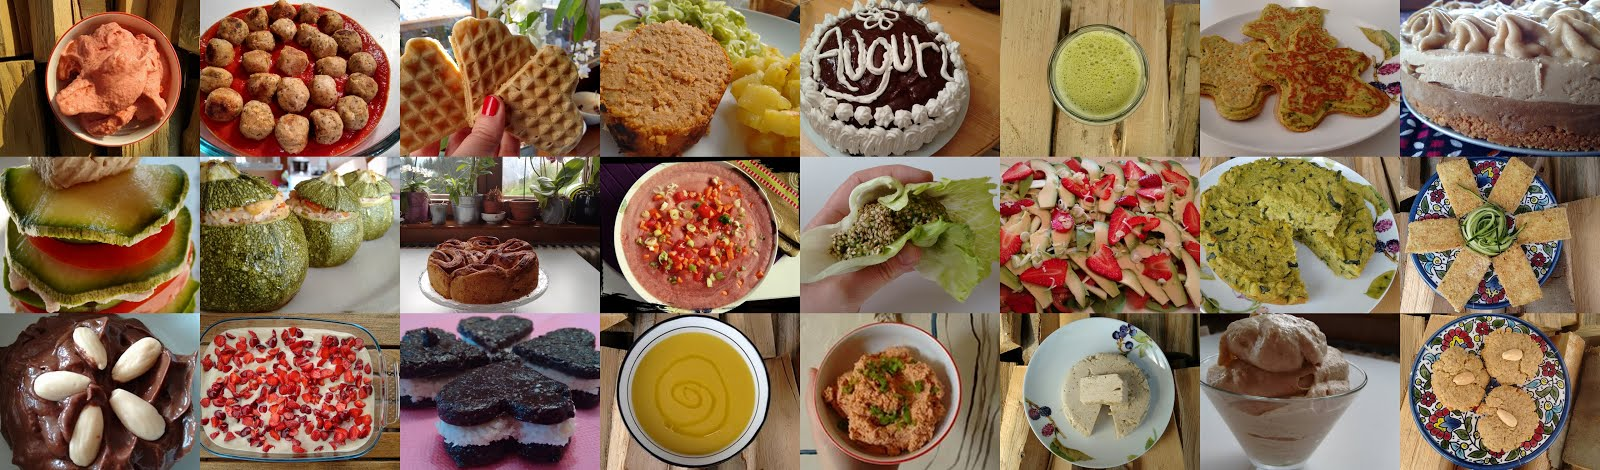 Blog di cucina con ricette colorate, sfiziose e golosamente Vegan, con e senza bimby!